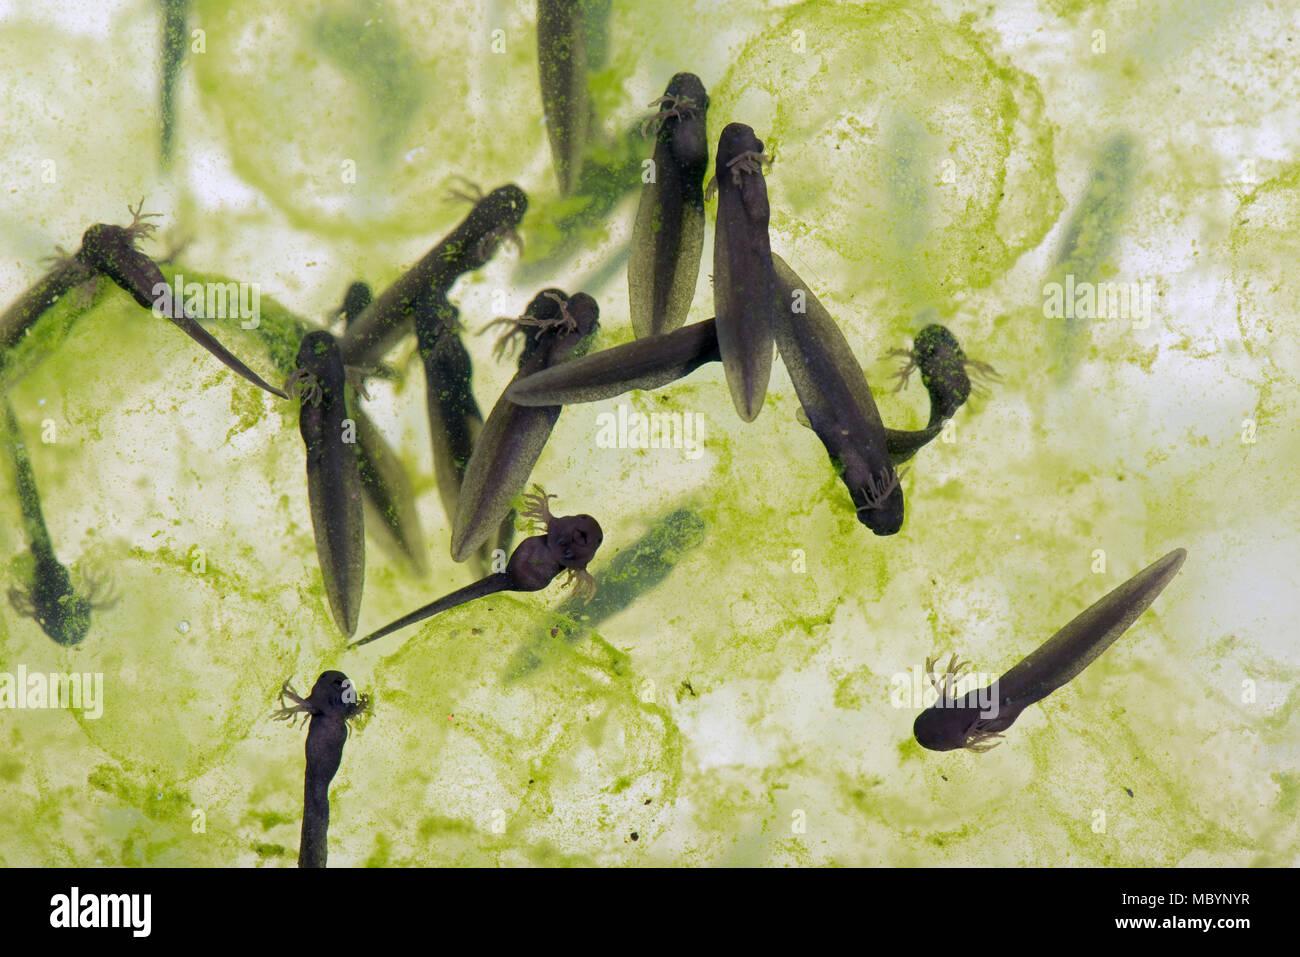 European common Frog, Rana temporaria, frogspawn avec éclos et l'éclosion, les têtards d'avril Banque D'Images